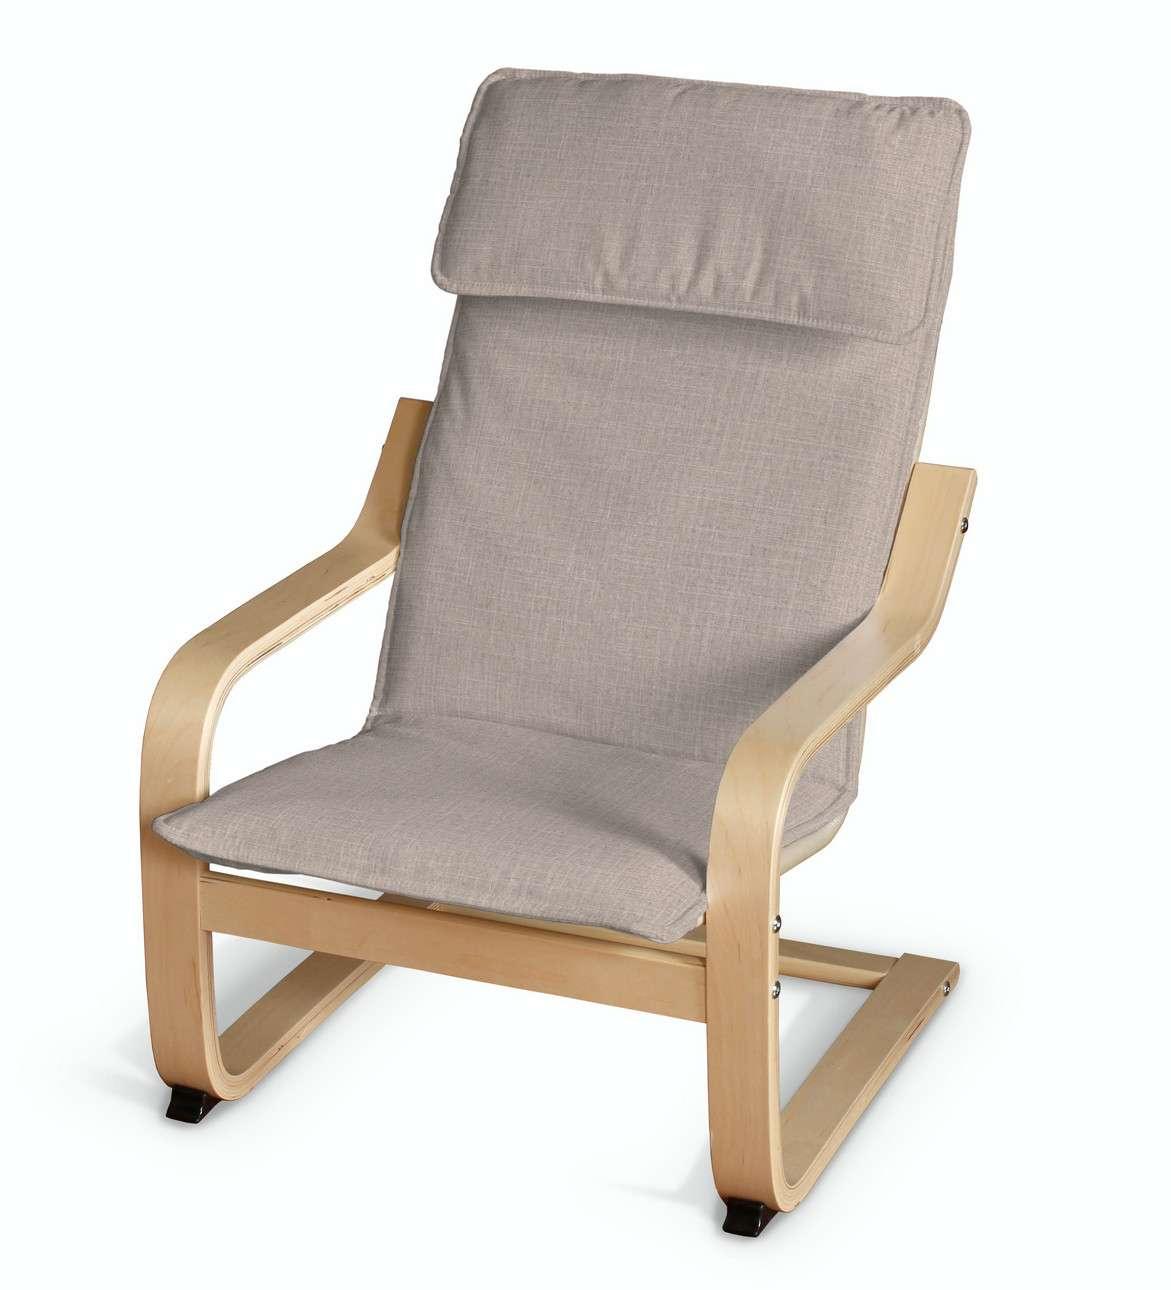 Poduszka na fotelik dziecięcy Poäng w kolekcji Living II, tkanina: 160-85